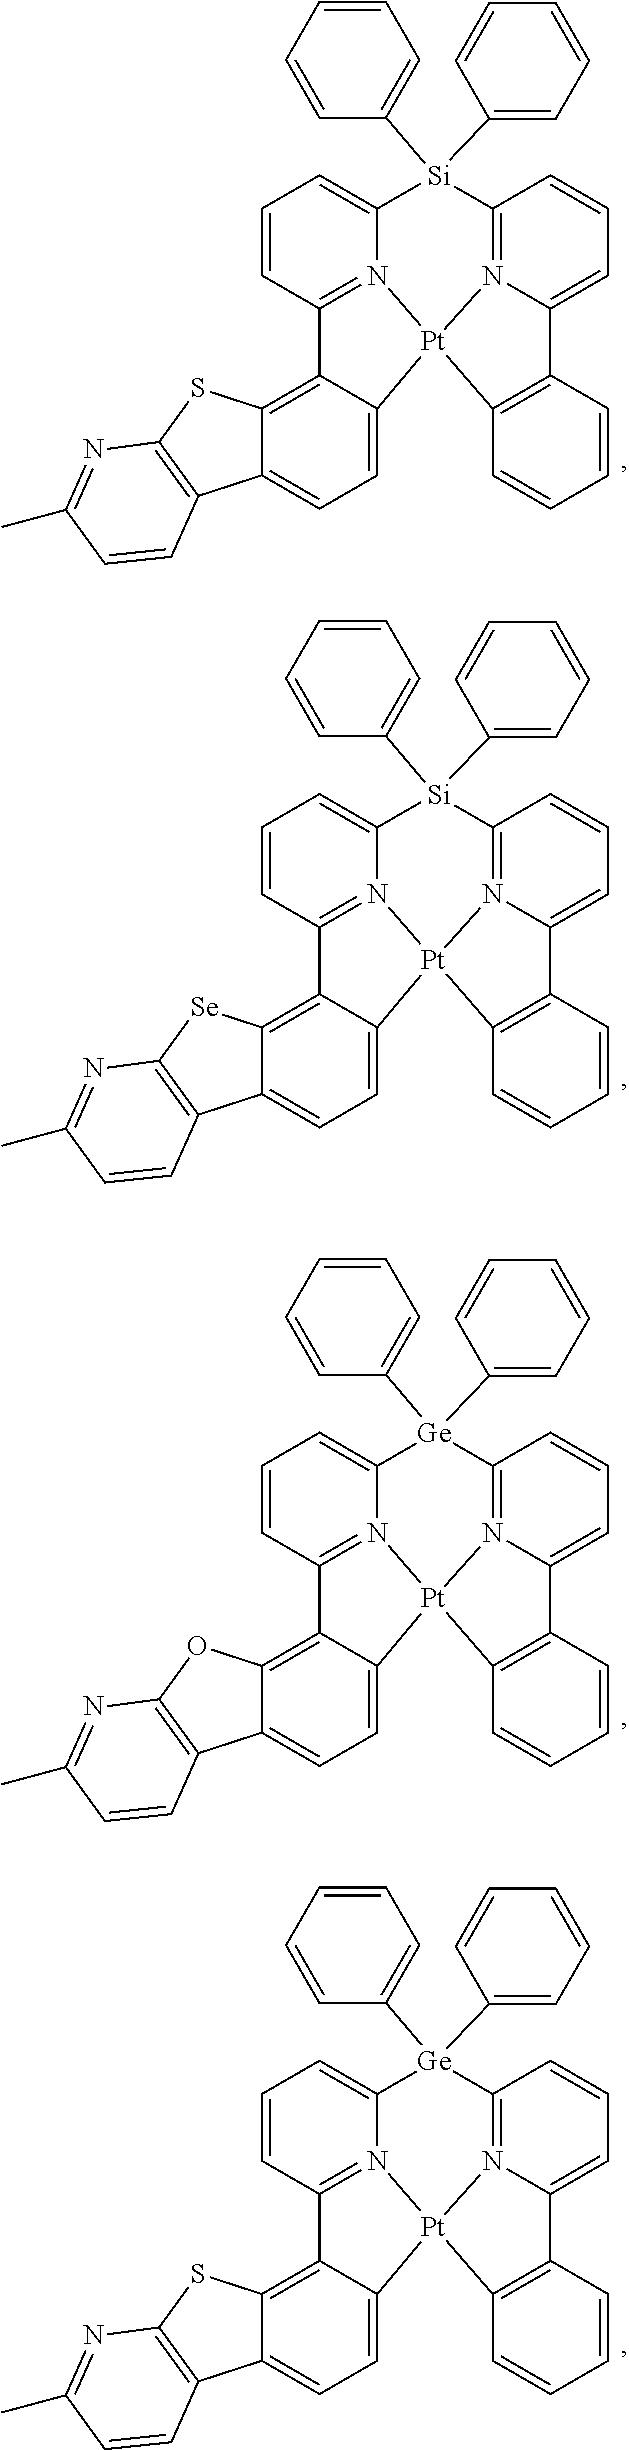 Figure US09871214-20180116-C00273